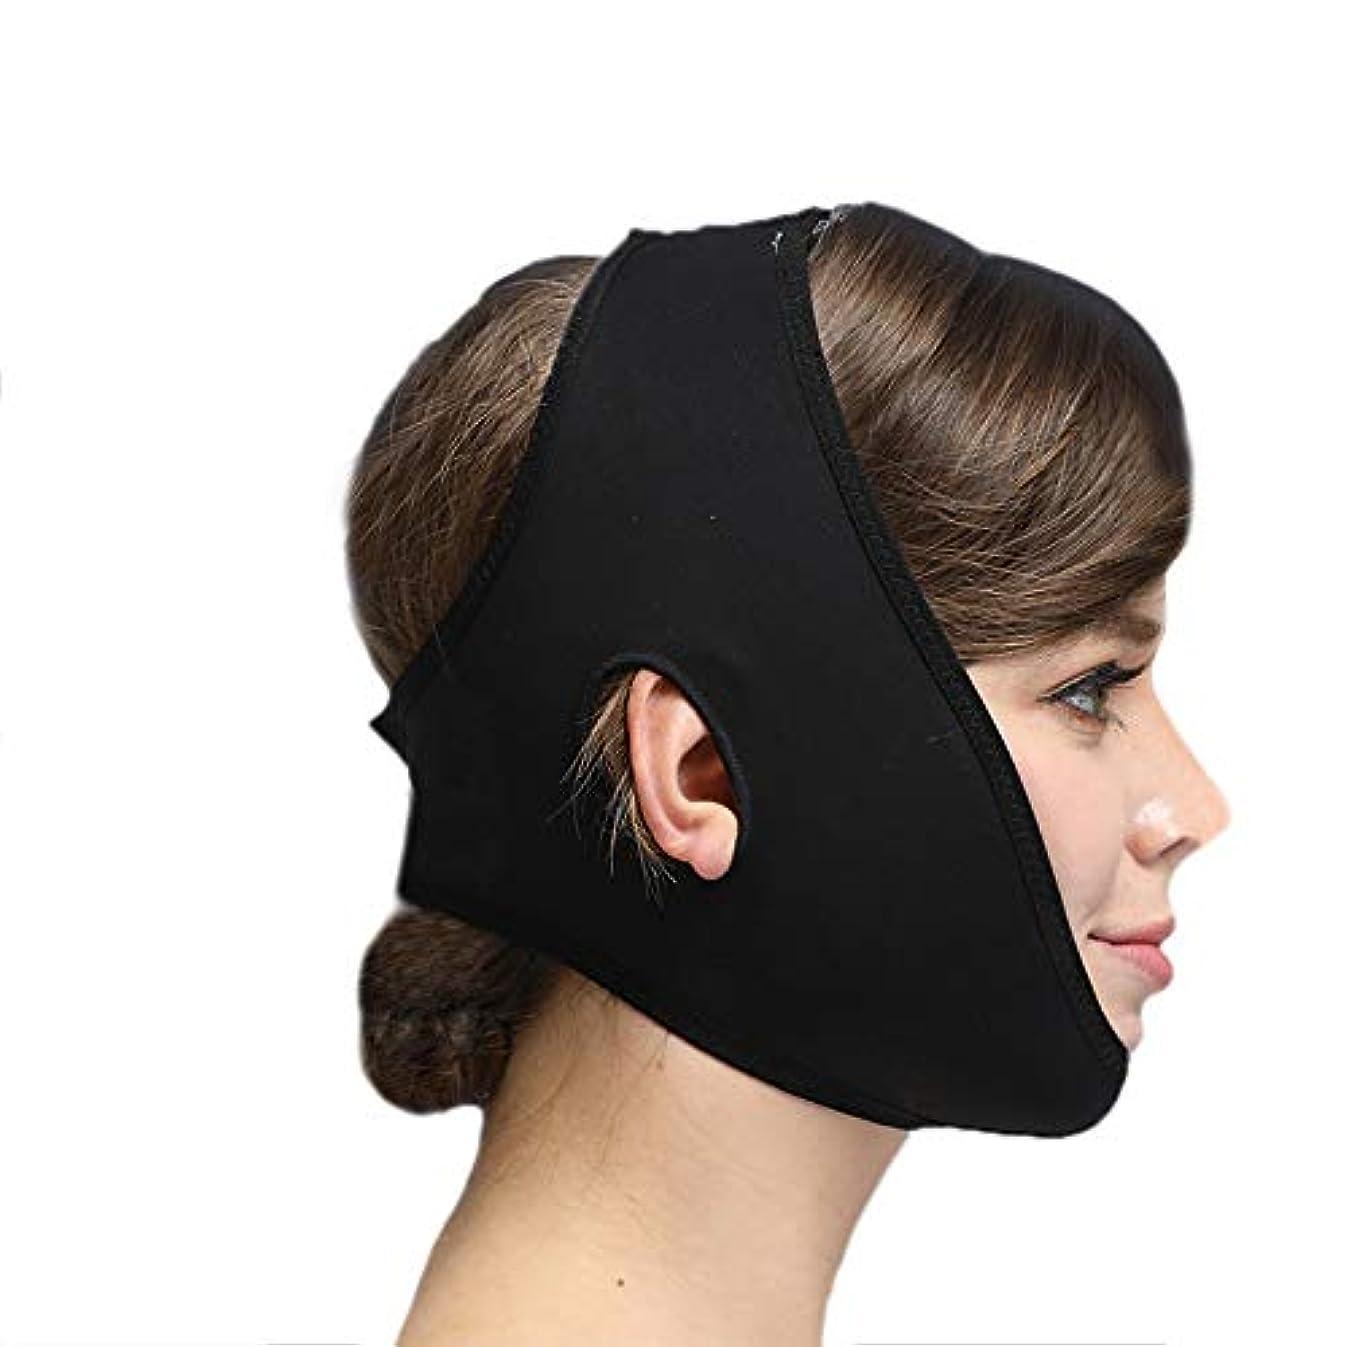 近く認証半球XHLMRMJ 顔の痩身マスク、快適で通気性のある、顔面の持ち上がることおよび輪郭を描くことで、堅さの向上、引き締まることおよび顔を持ち上げること (Color : Black2, Size : L)